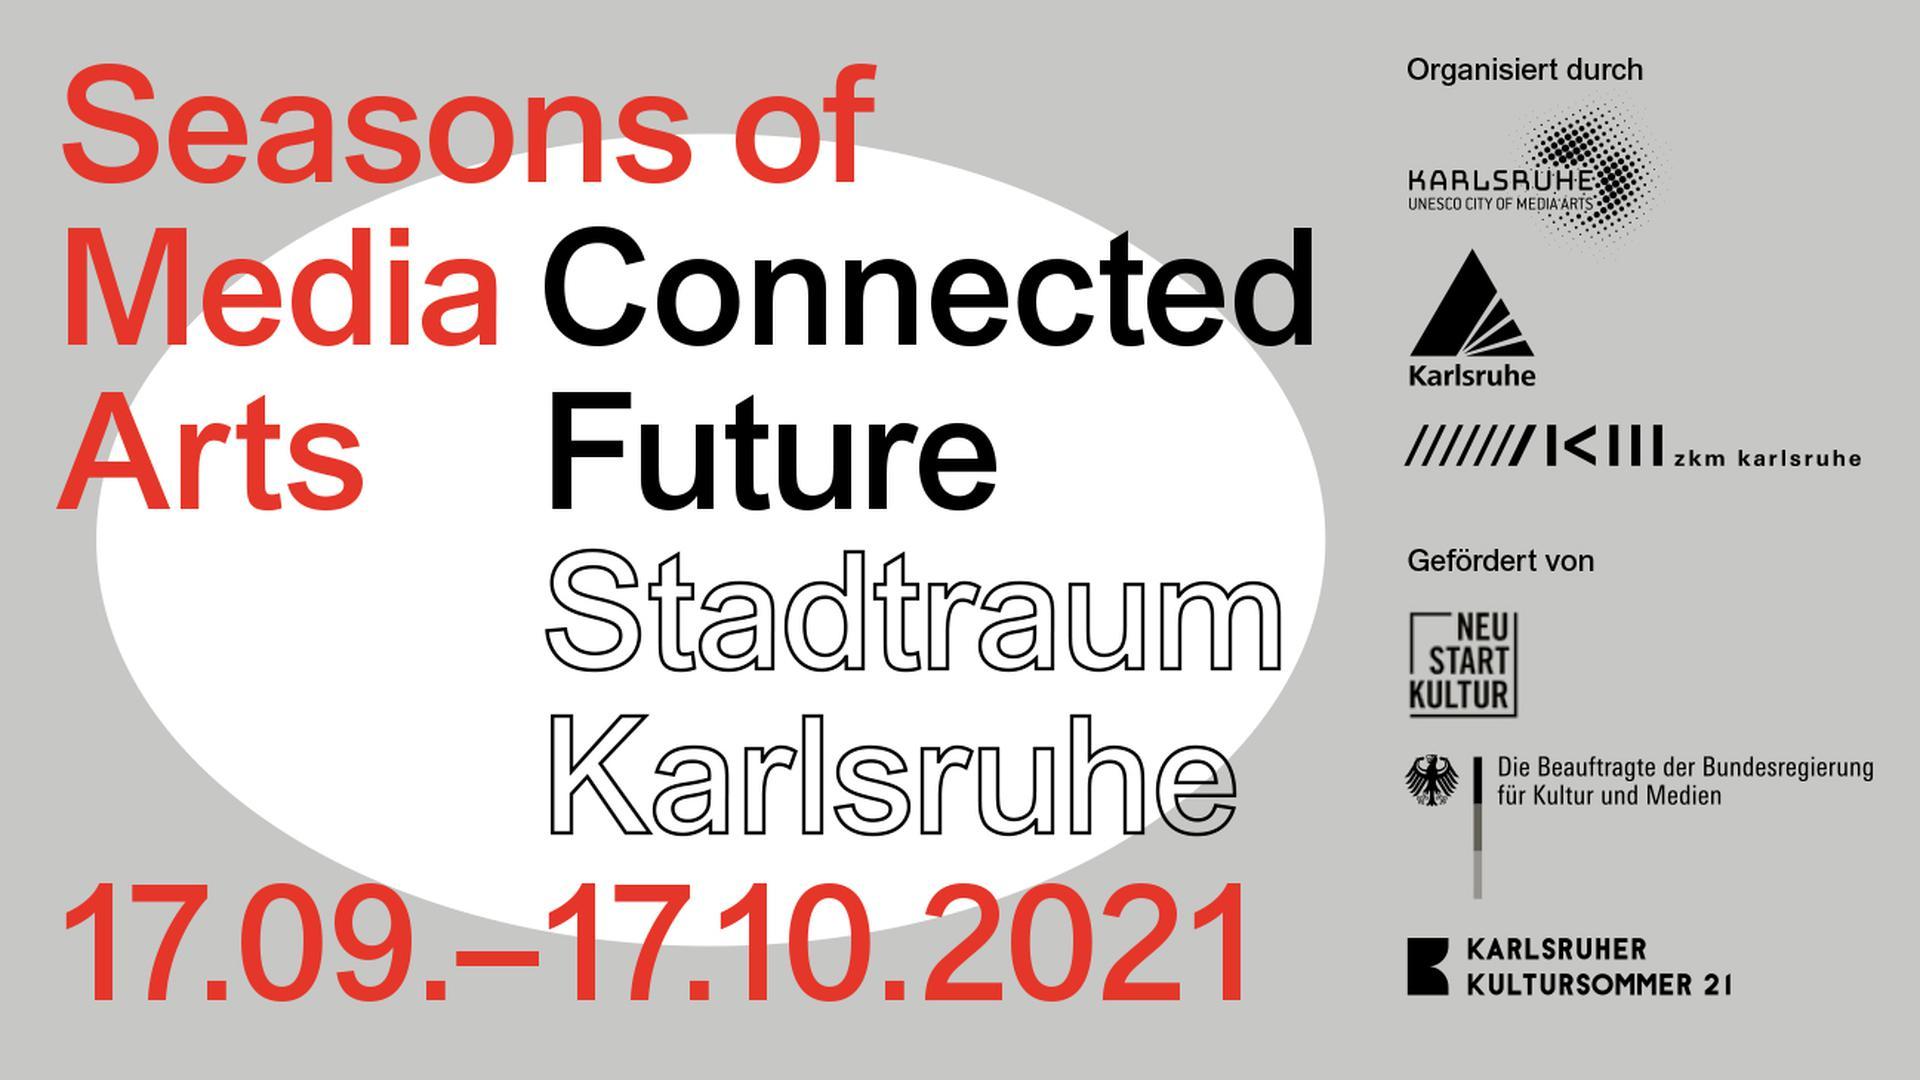 """Das Medienkunstfestival """"Seasons of Media Arts"""" wird im Programm Kultursommer 2021 durch die Beauftrage der Bundesregierung für Kultur und Medien mit Mitteln aus """"Neustart Kultur"""" gefördert."""